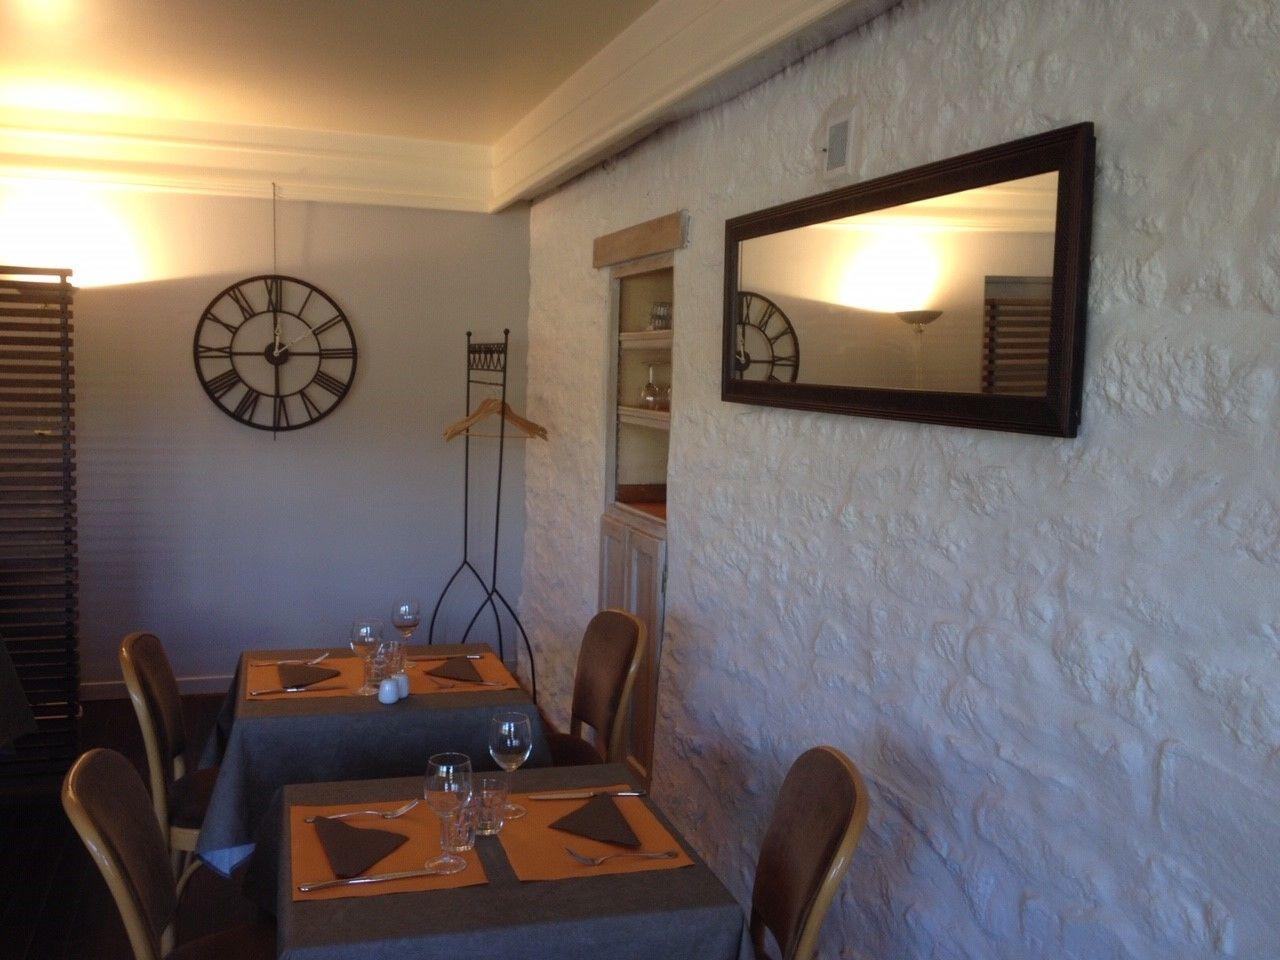 Restaurant-Lyvet-LaVicomte-Rance6